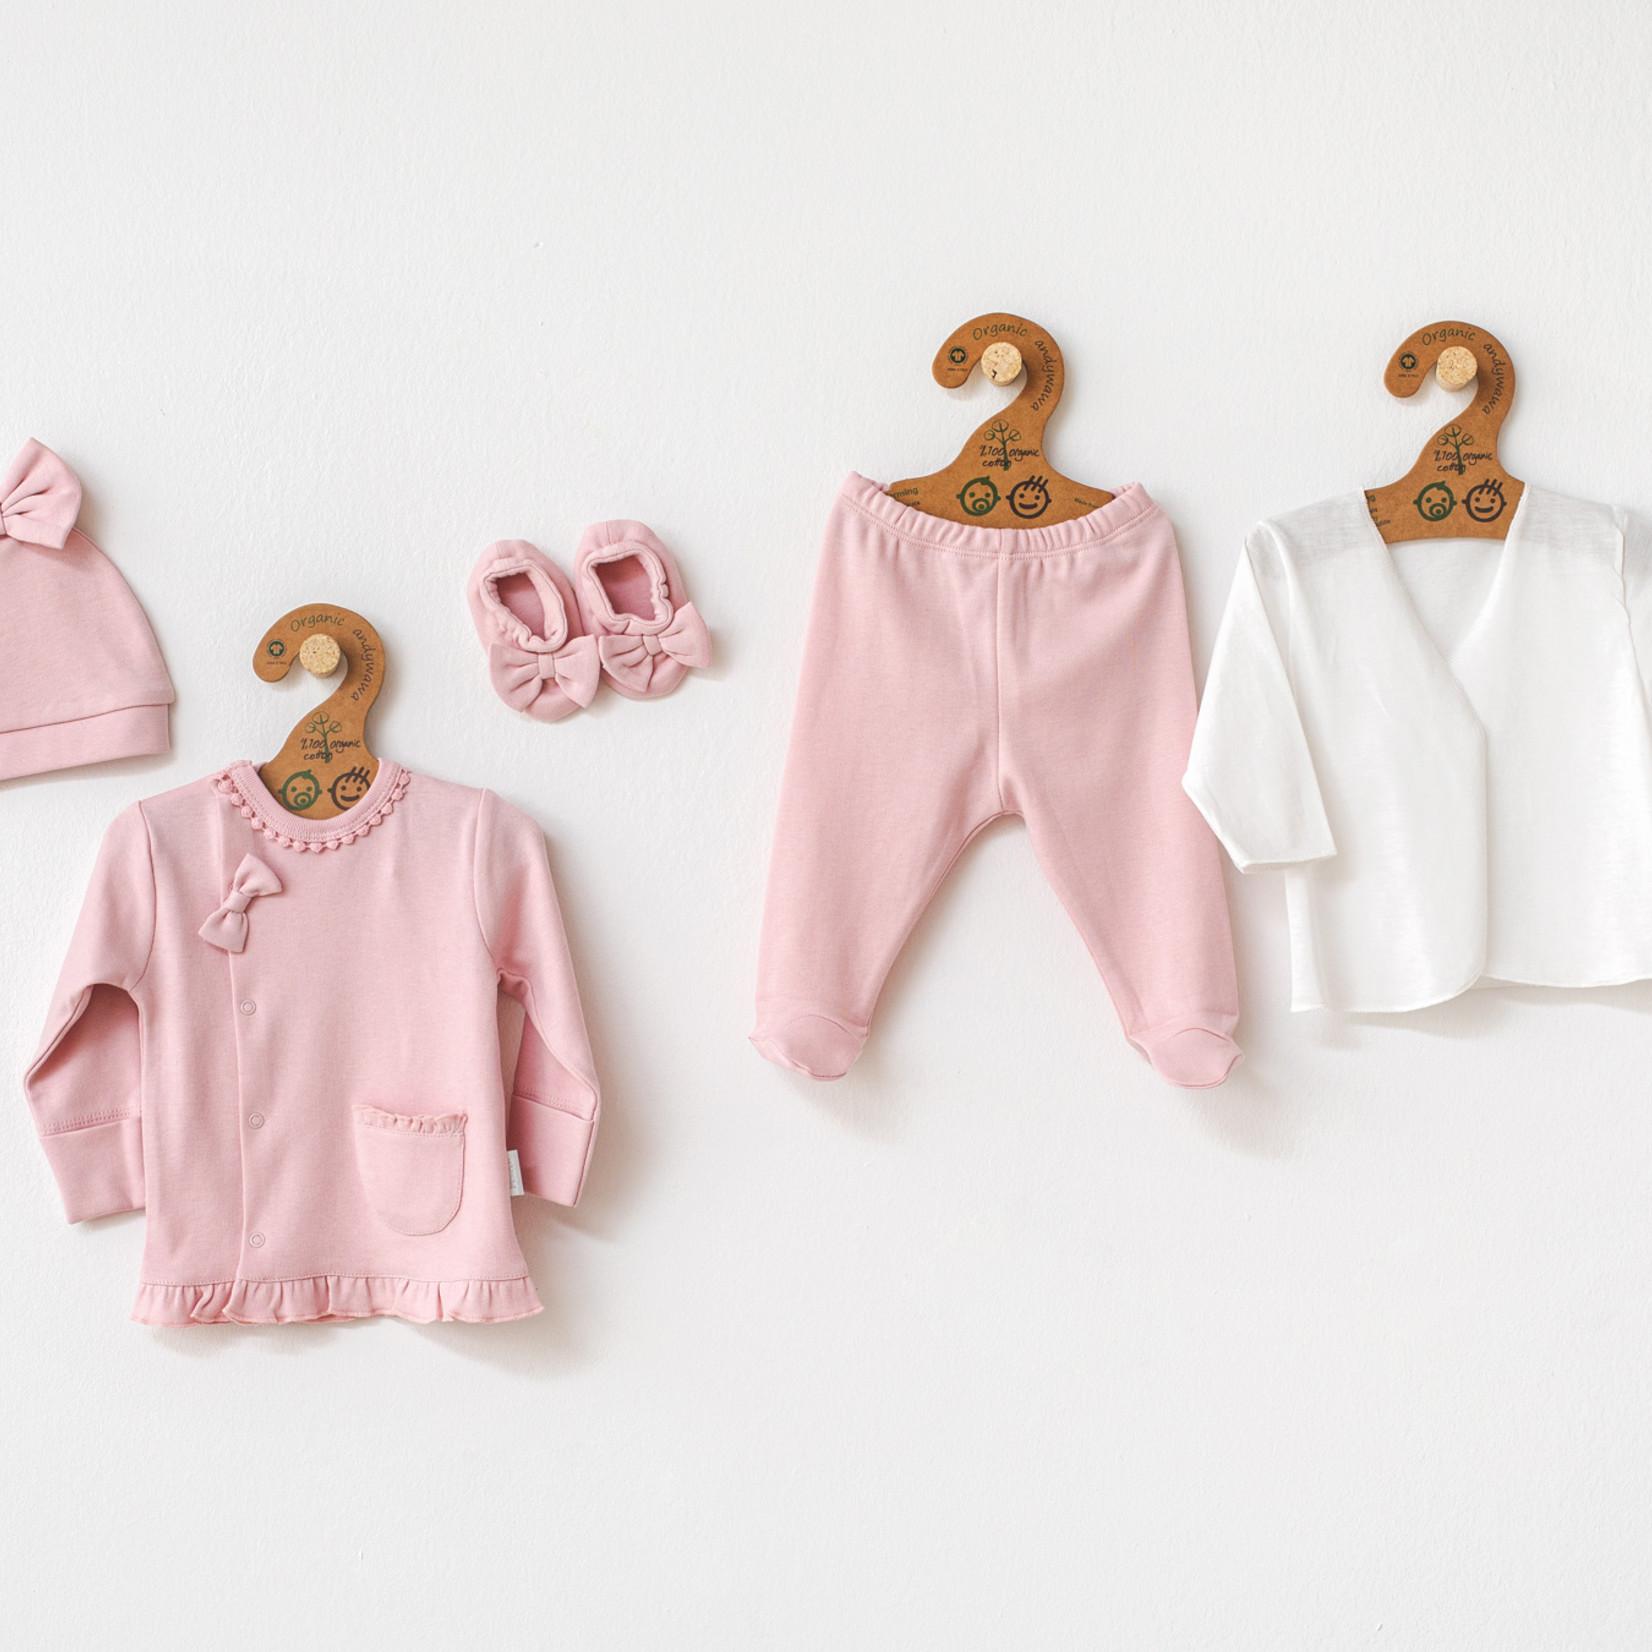 Babymeisjes Newborn Set Biologisch Katoen